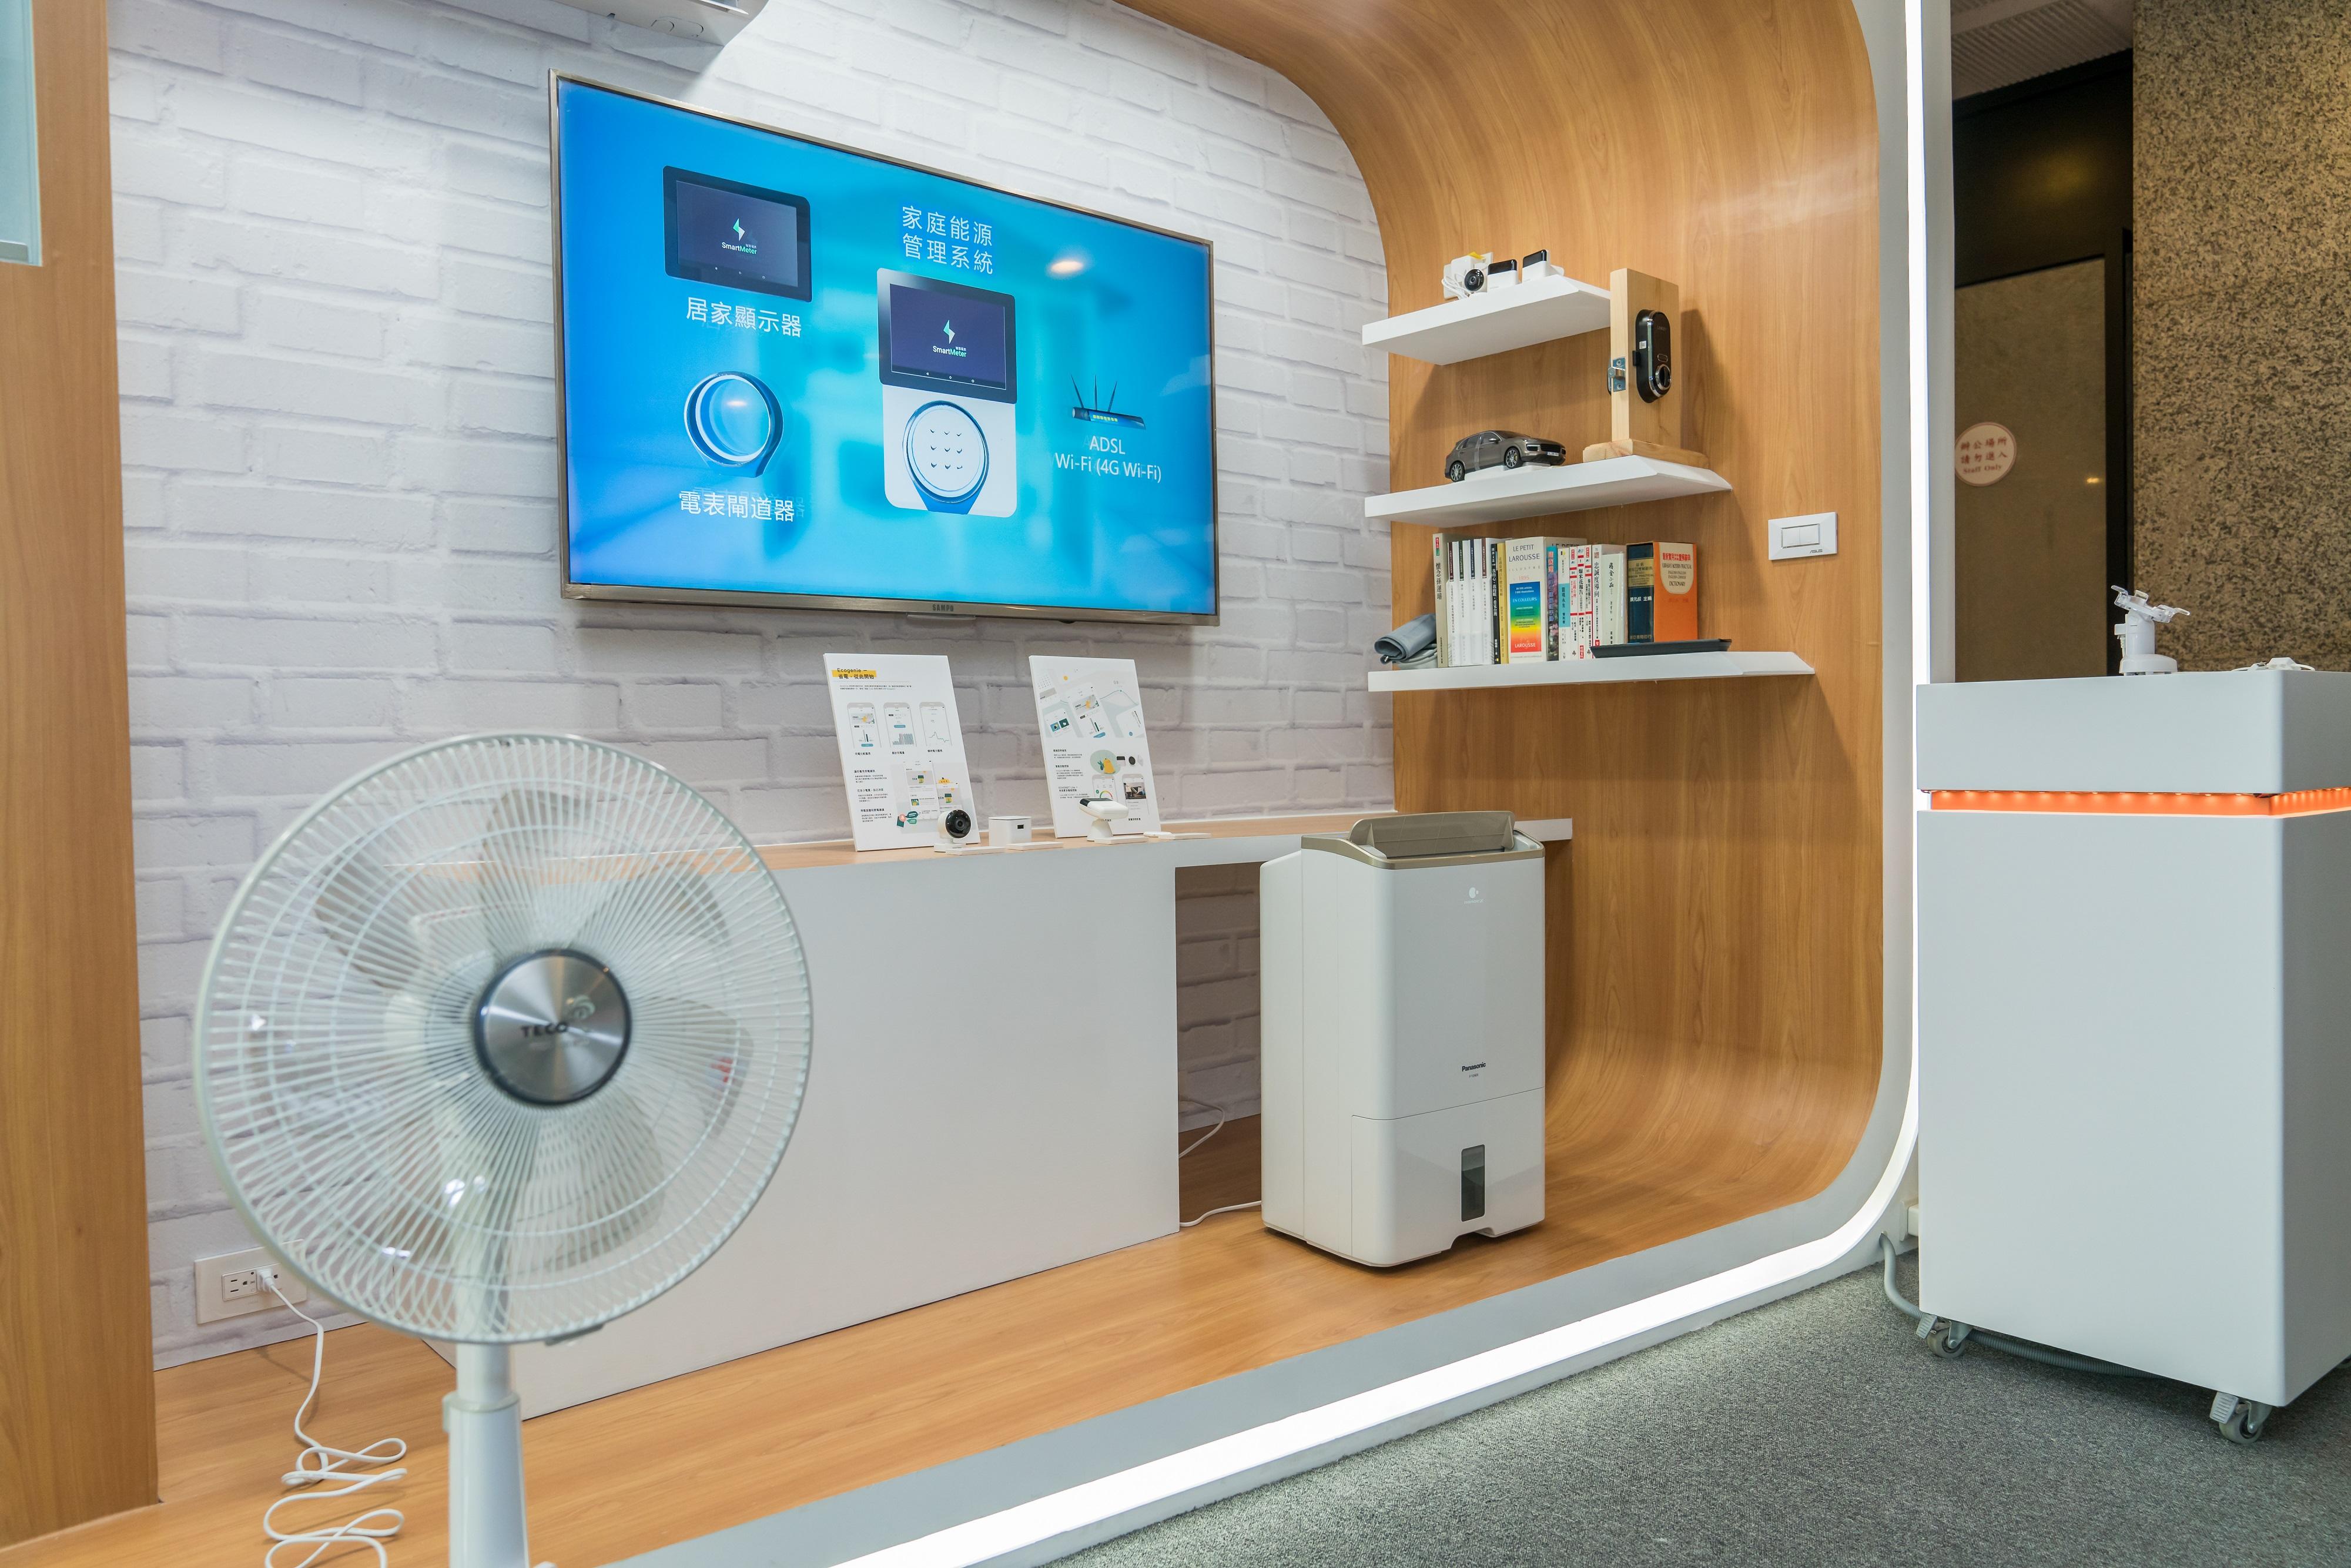 智慧用戶展區展出智慧電表及家庭能源管理系統 可查看家庭即時用電資訊並學習如何搭配智慧家電自主節能